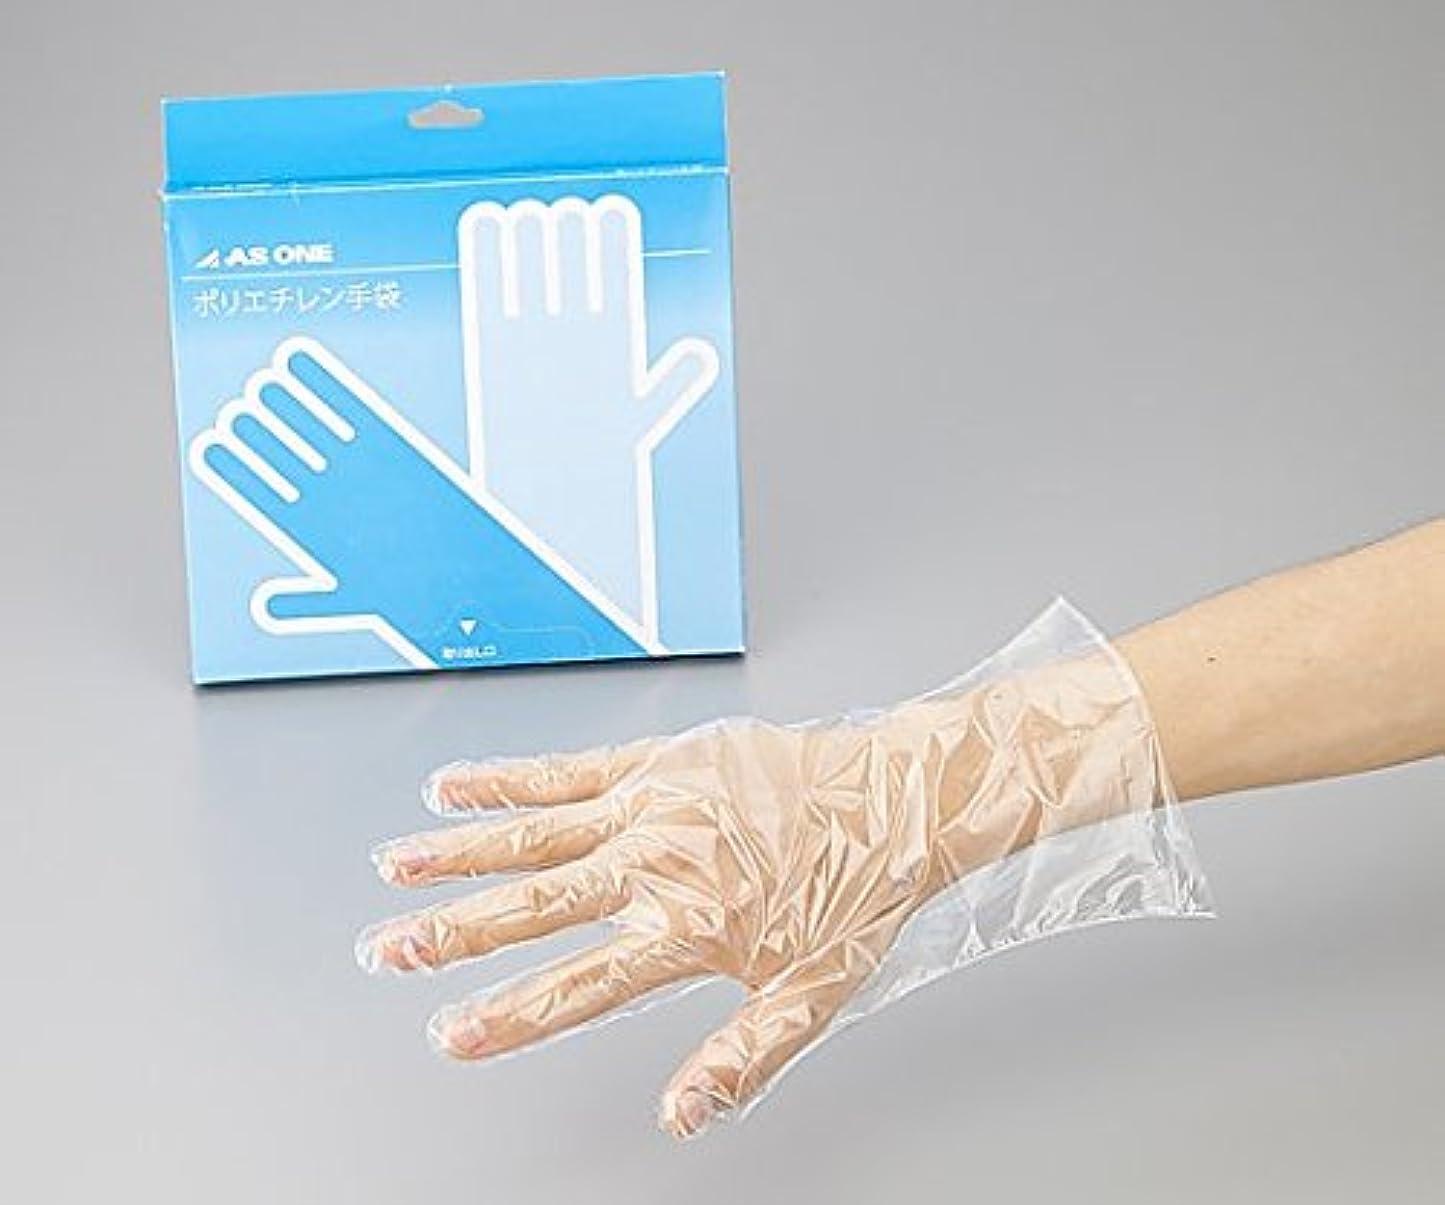 パステル無礼に勉強するアズワン2-4973-03ポリエチレン手袋スタンダード標準厚S100枚入